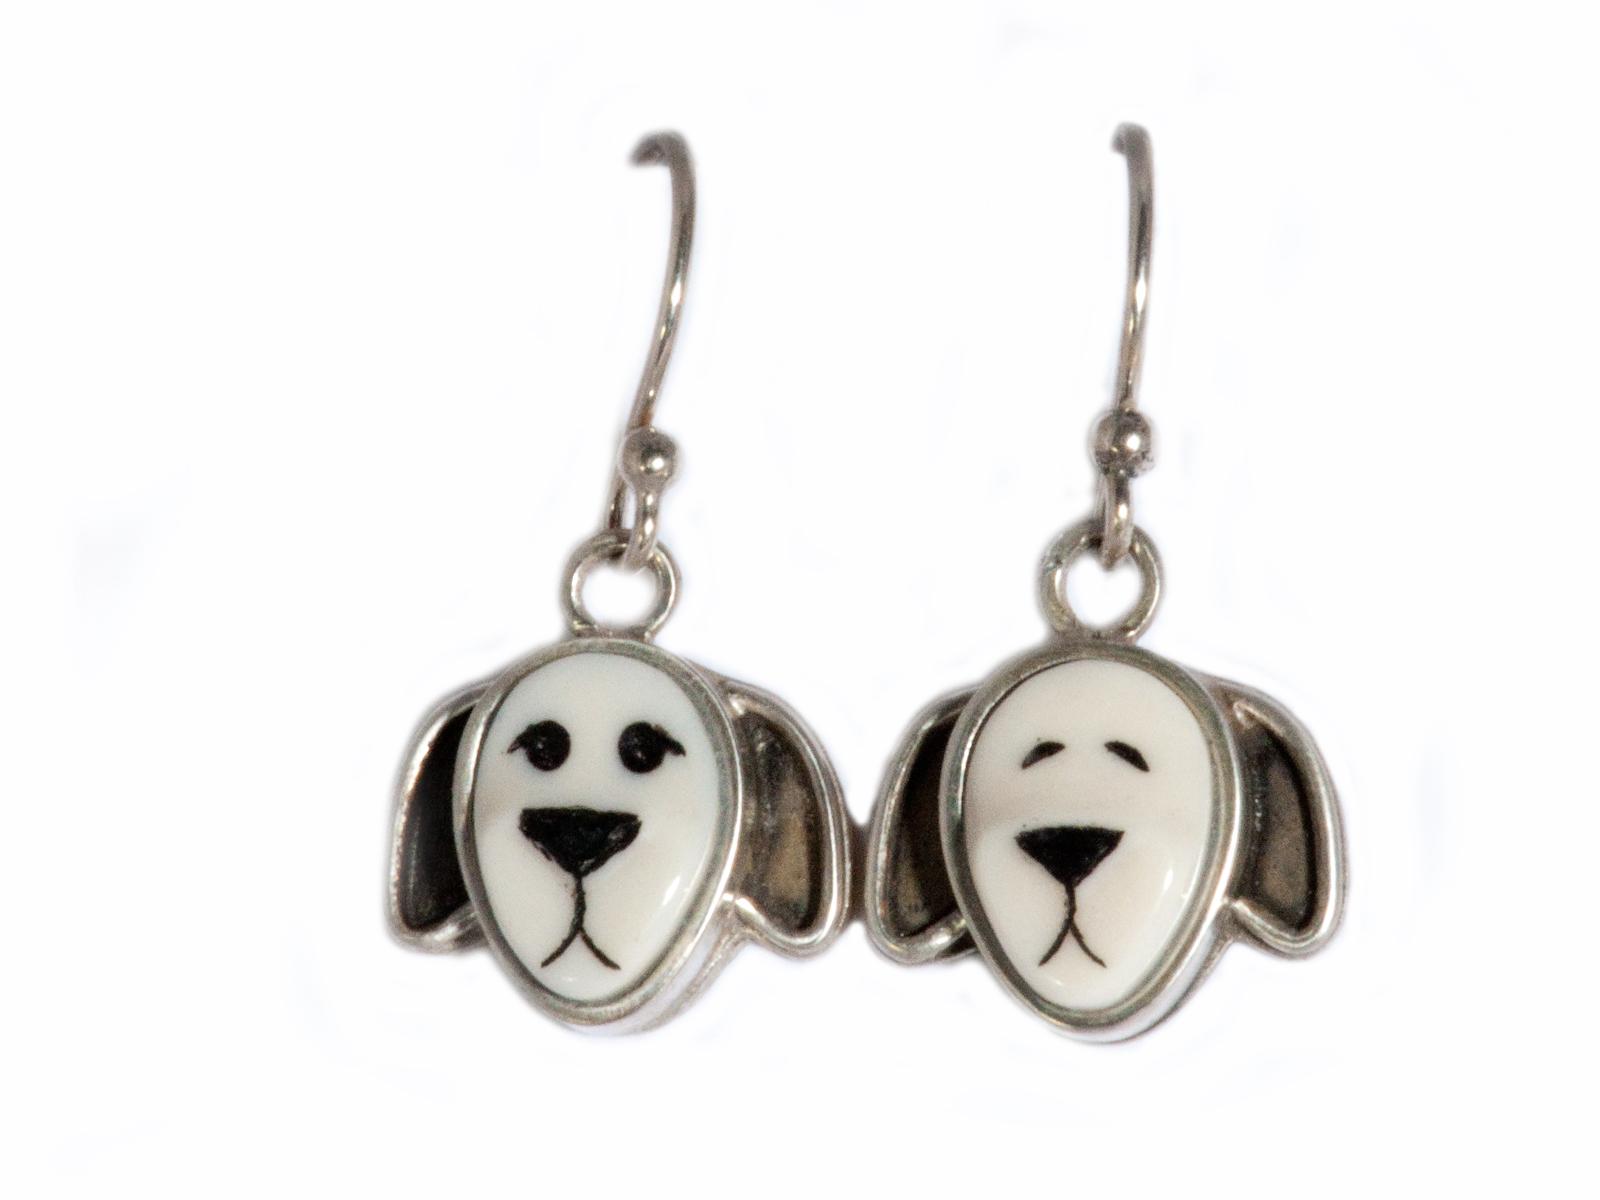 Floppy Eared Dog Dangle Earrings